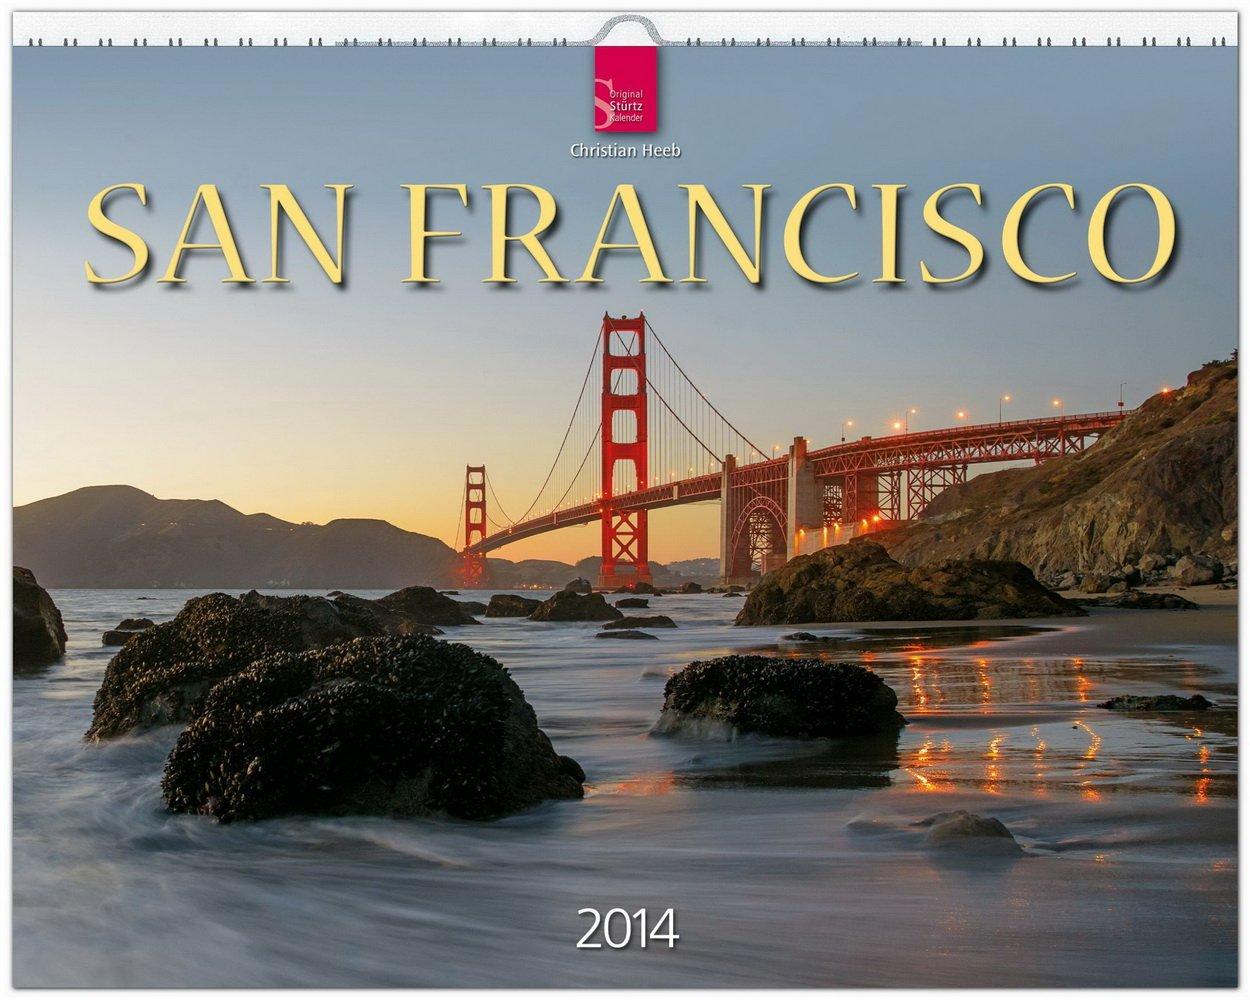 San Francisco 2014: Original Stürtz-Kalender - Großformat-Kalender 60 x 48 cm [Spiralbindung]